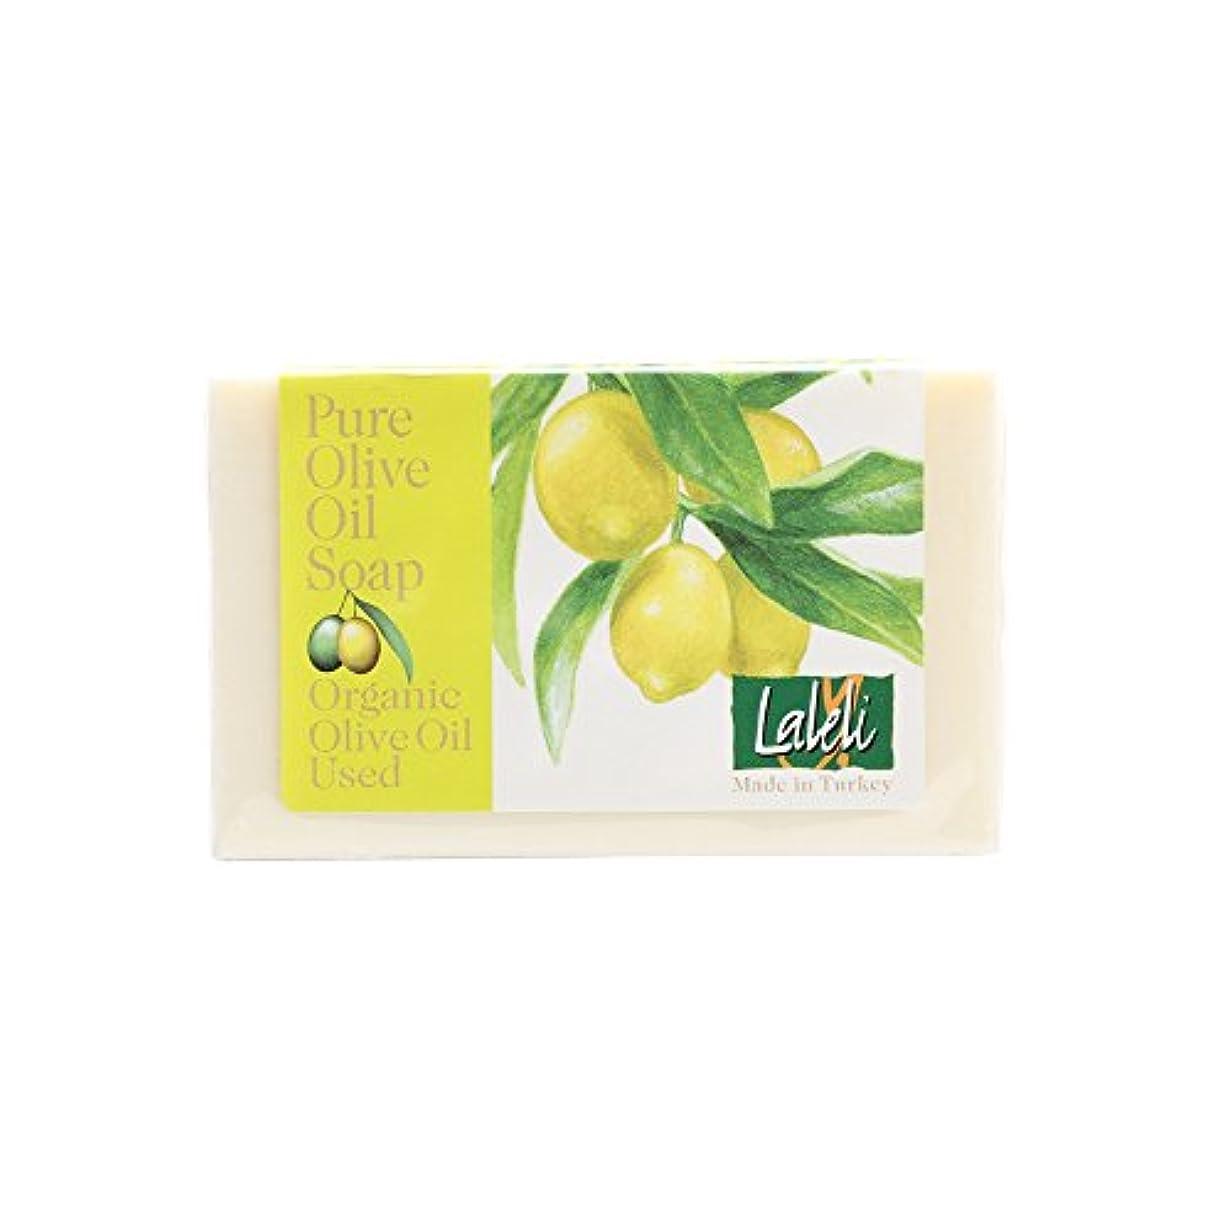 ハイライト正気違うラーレリ オーガニックオリーブオイルソープ レモン 120g